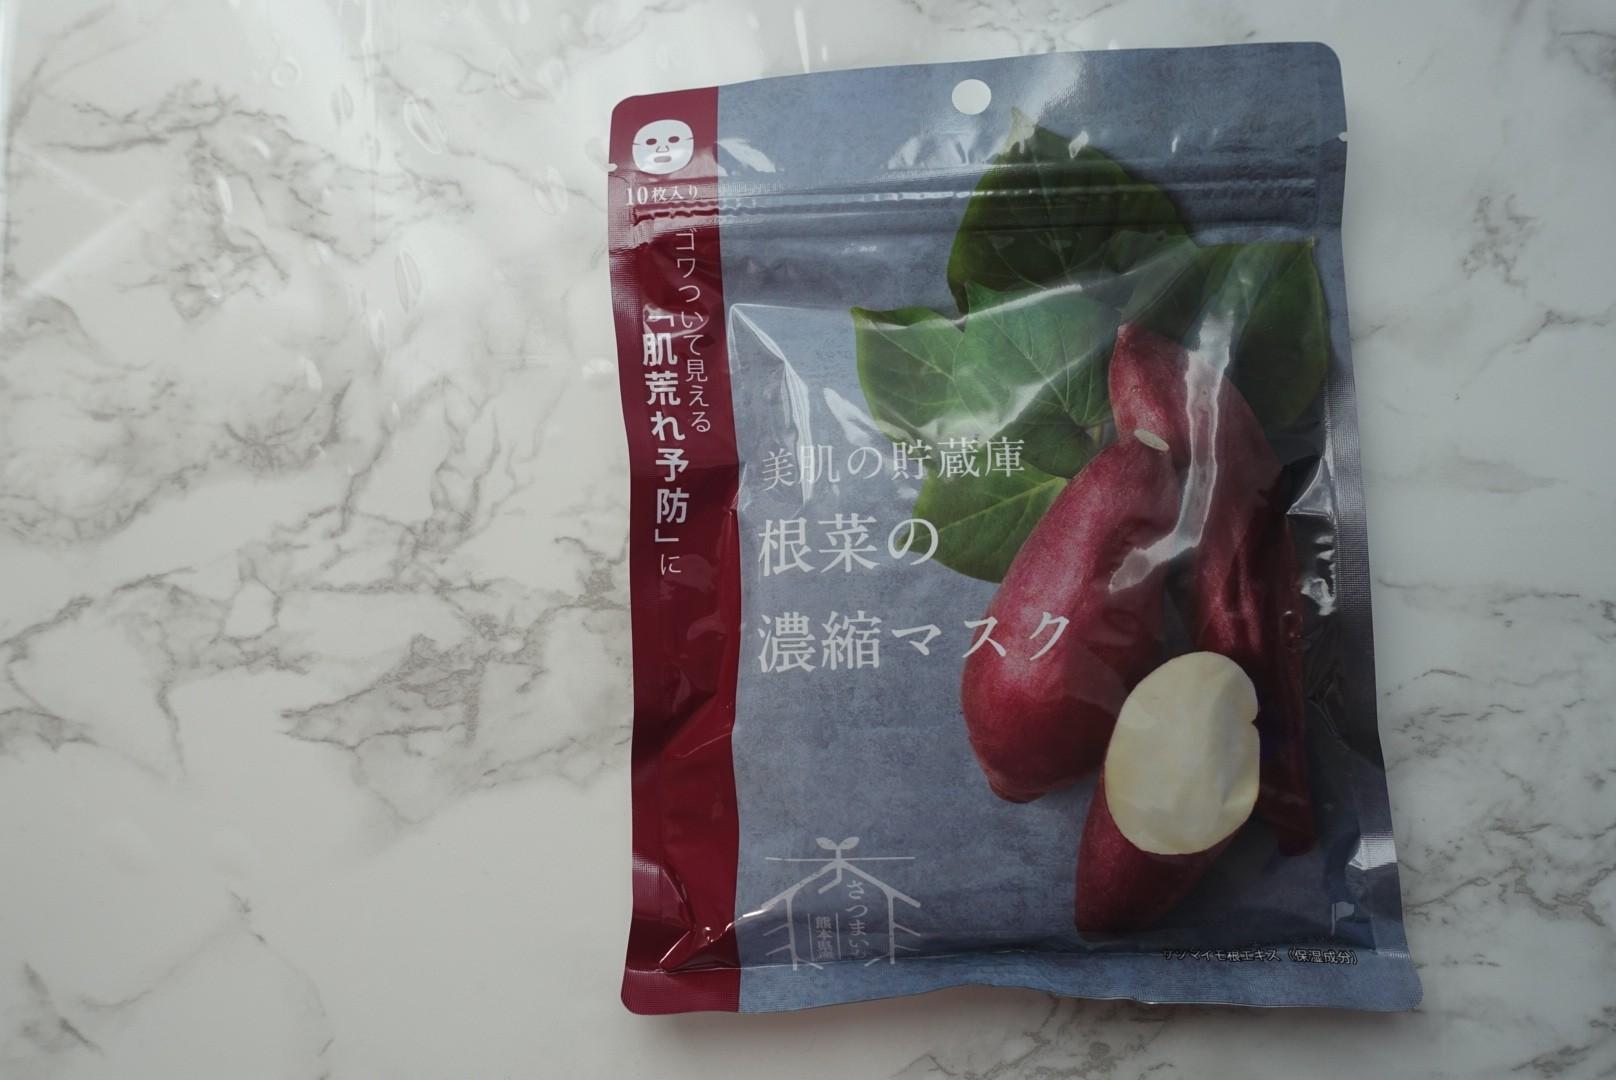 @cosme nippon 美肌の貯蔵庫 根菜の濃縮マスク 安納芋